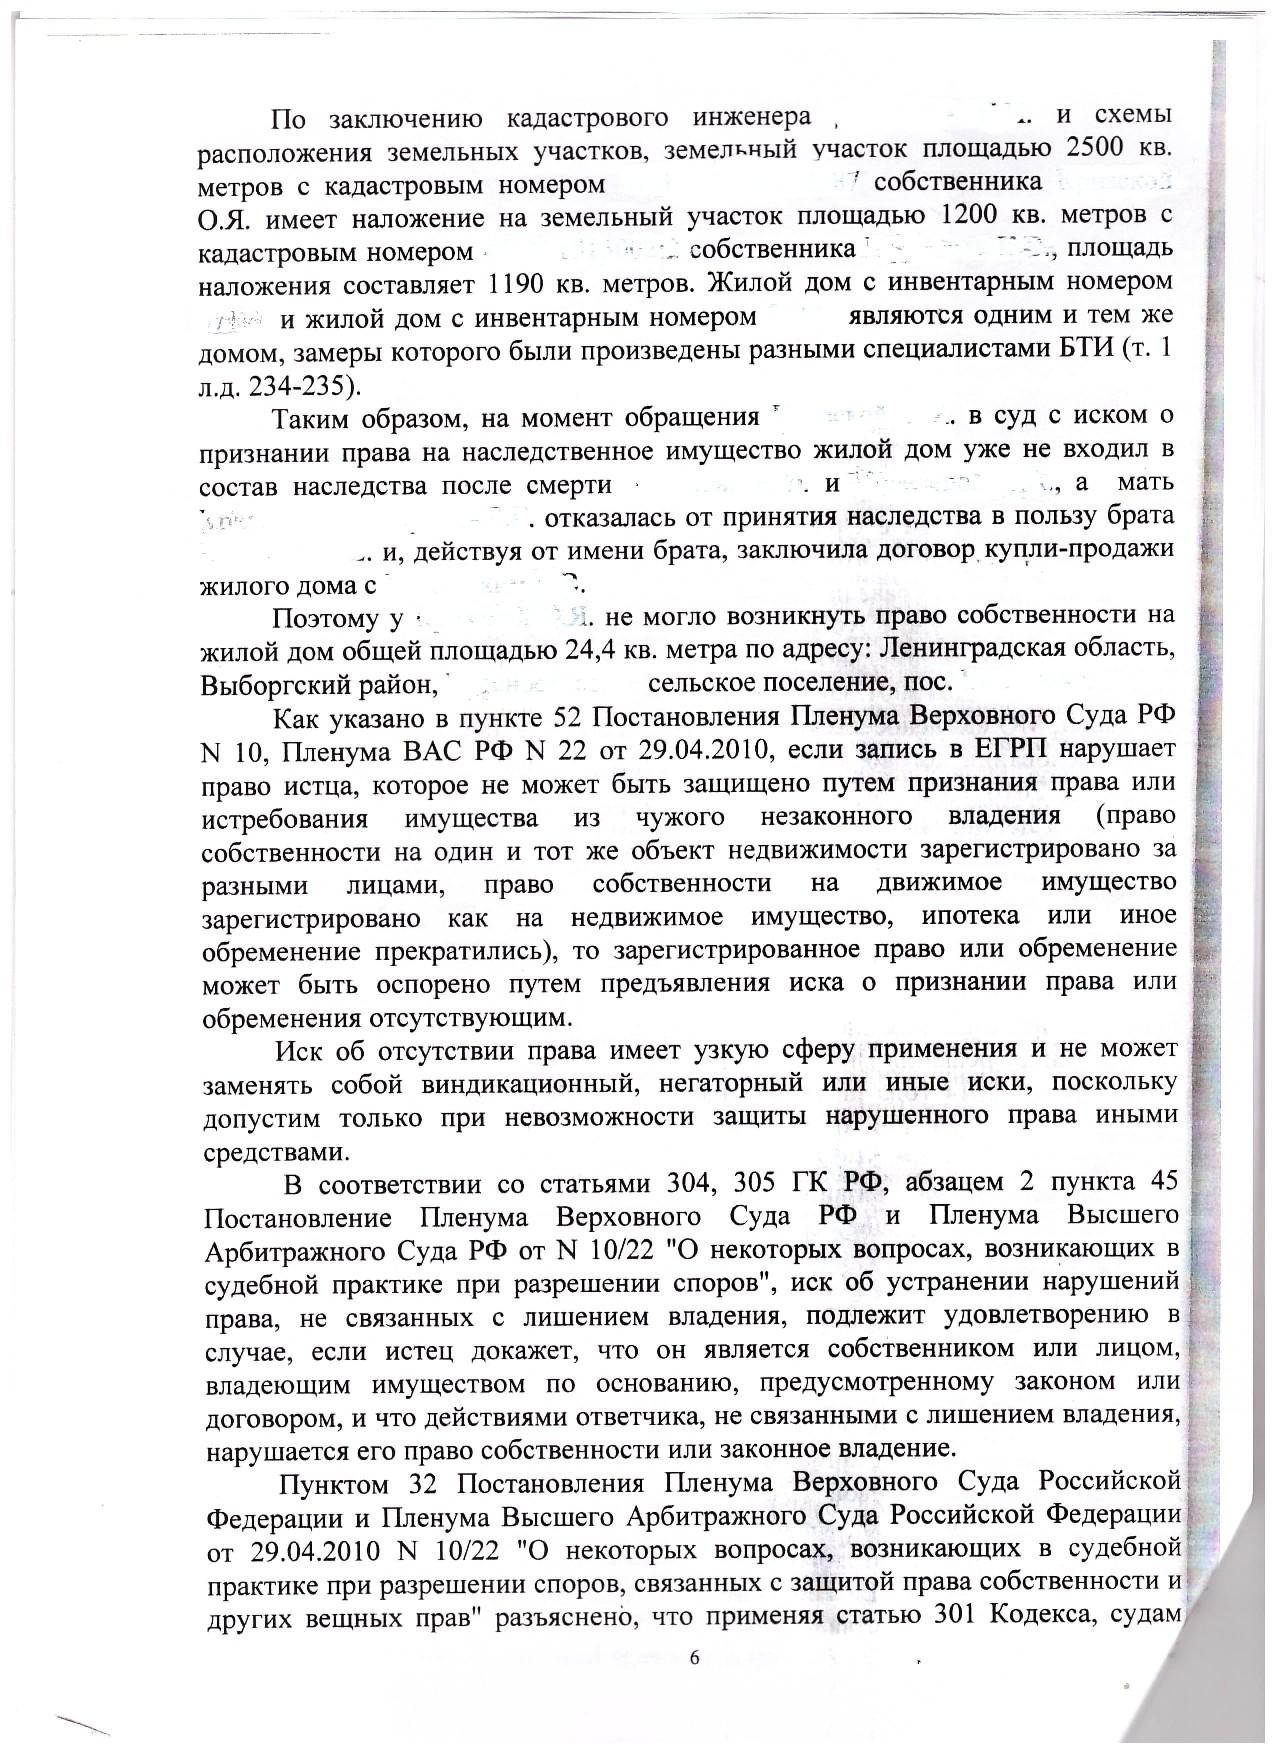 договор займа постановление пленума вс рф